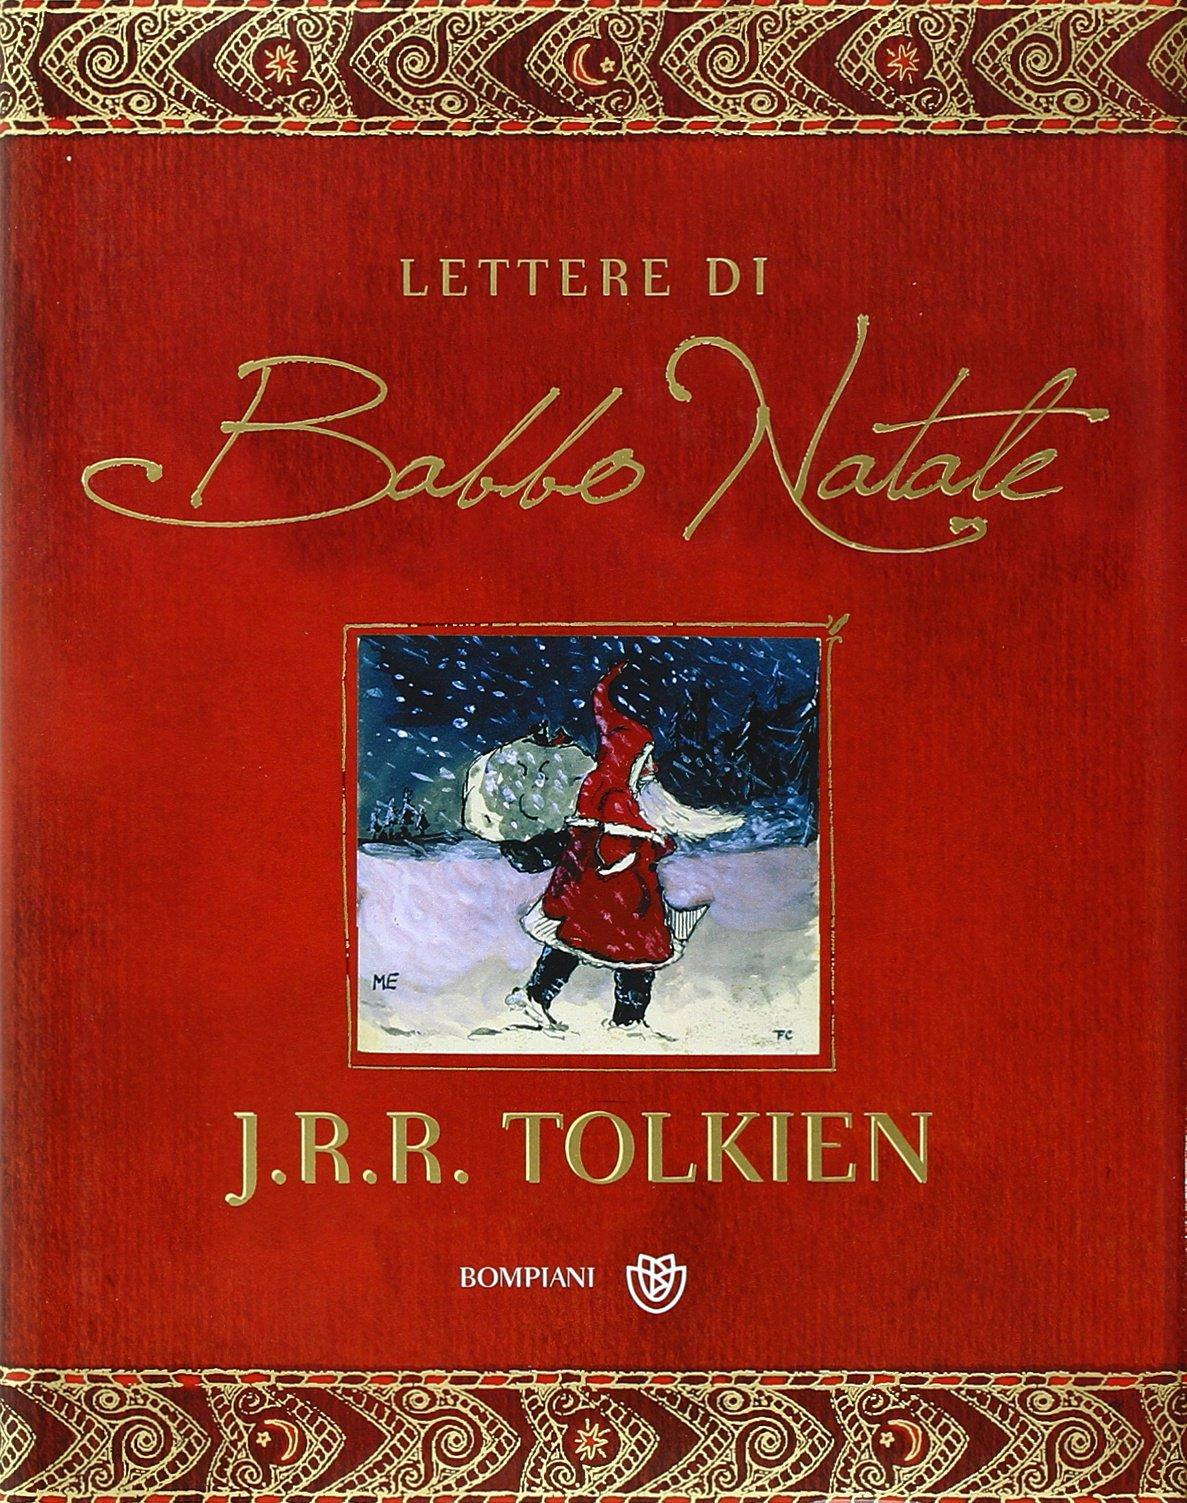 Le Lettere Di Babbo Natale.Amazon It Le Lettere Di Babbo Natale John R R Tolkien B